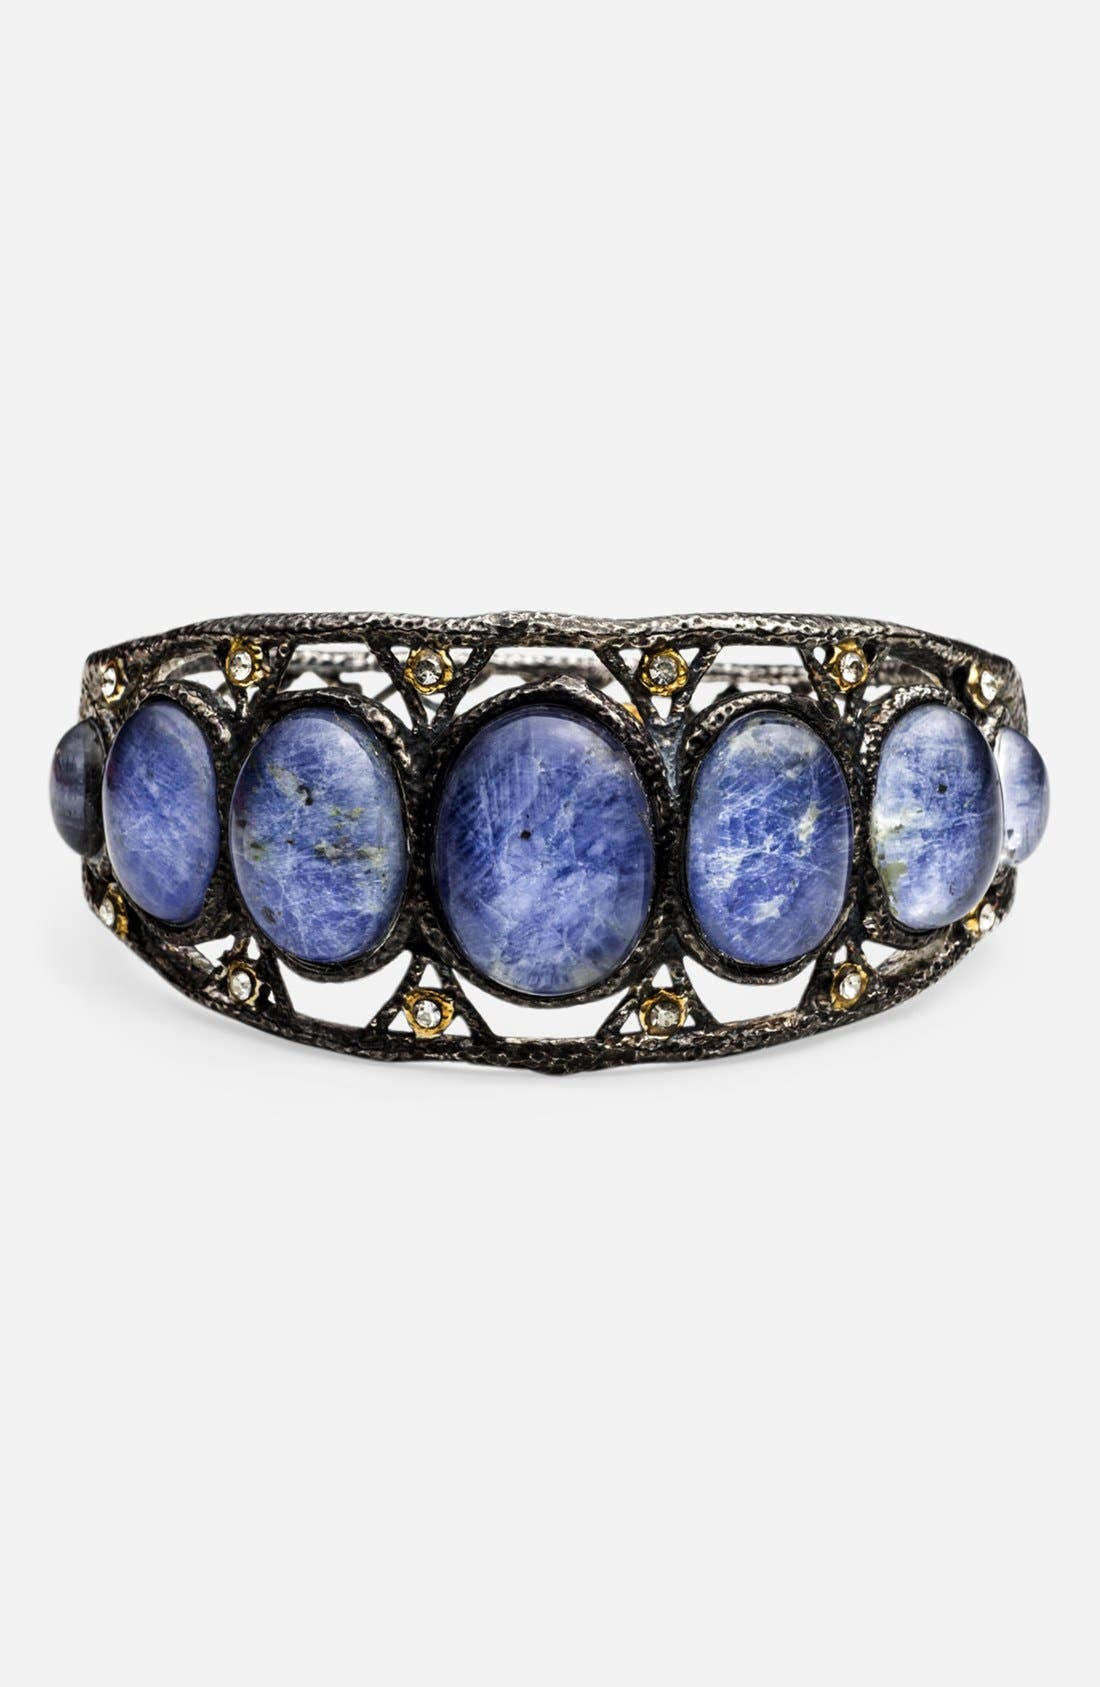 Alternate Image 1 Selected - Alexis Bittar 'Elements - Jardin de Papillon' Doublet Bracelet